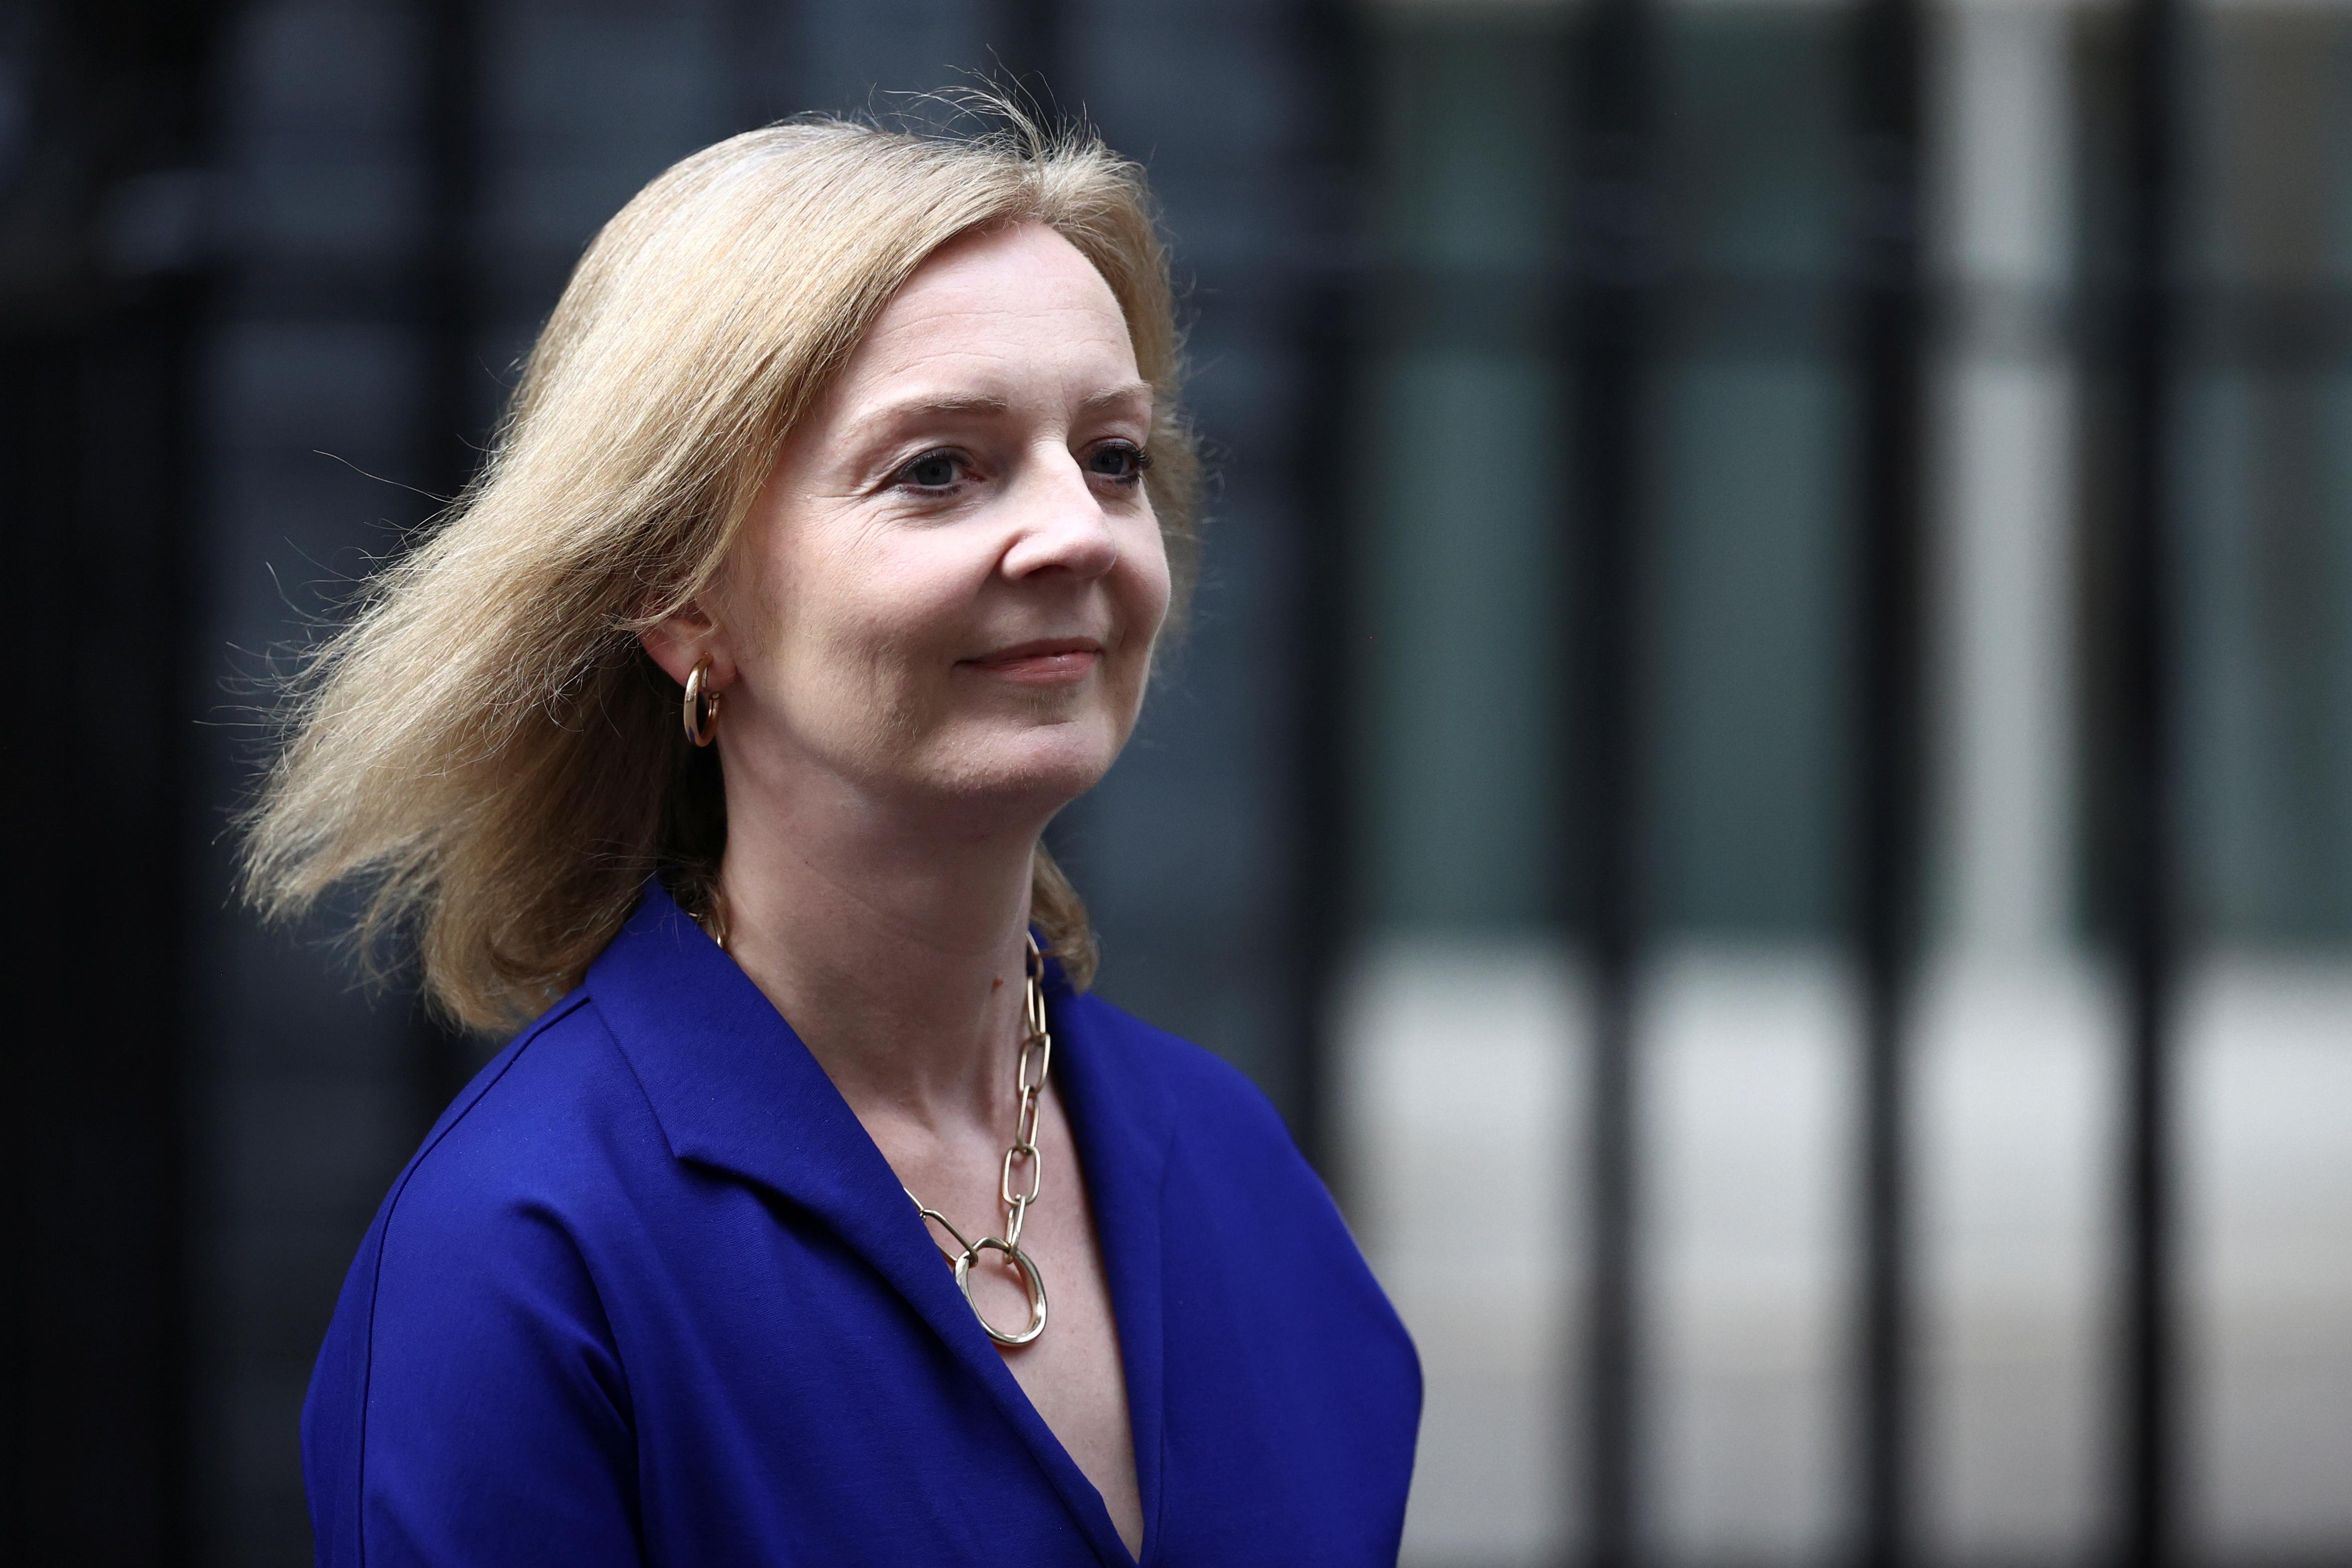 Britain's Foreign Secretary Liz Truss walks outside Downing Street in London